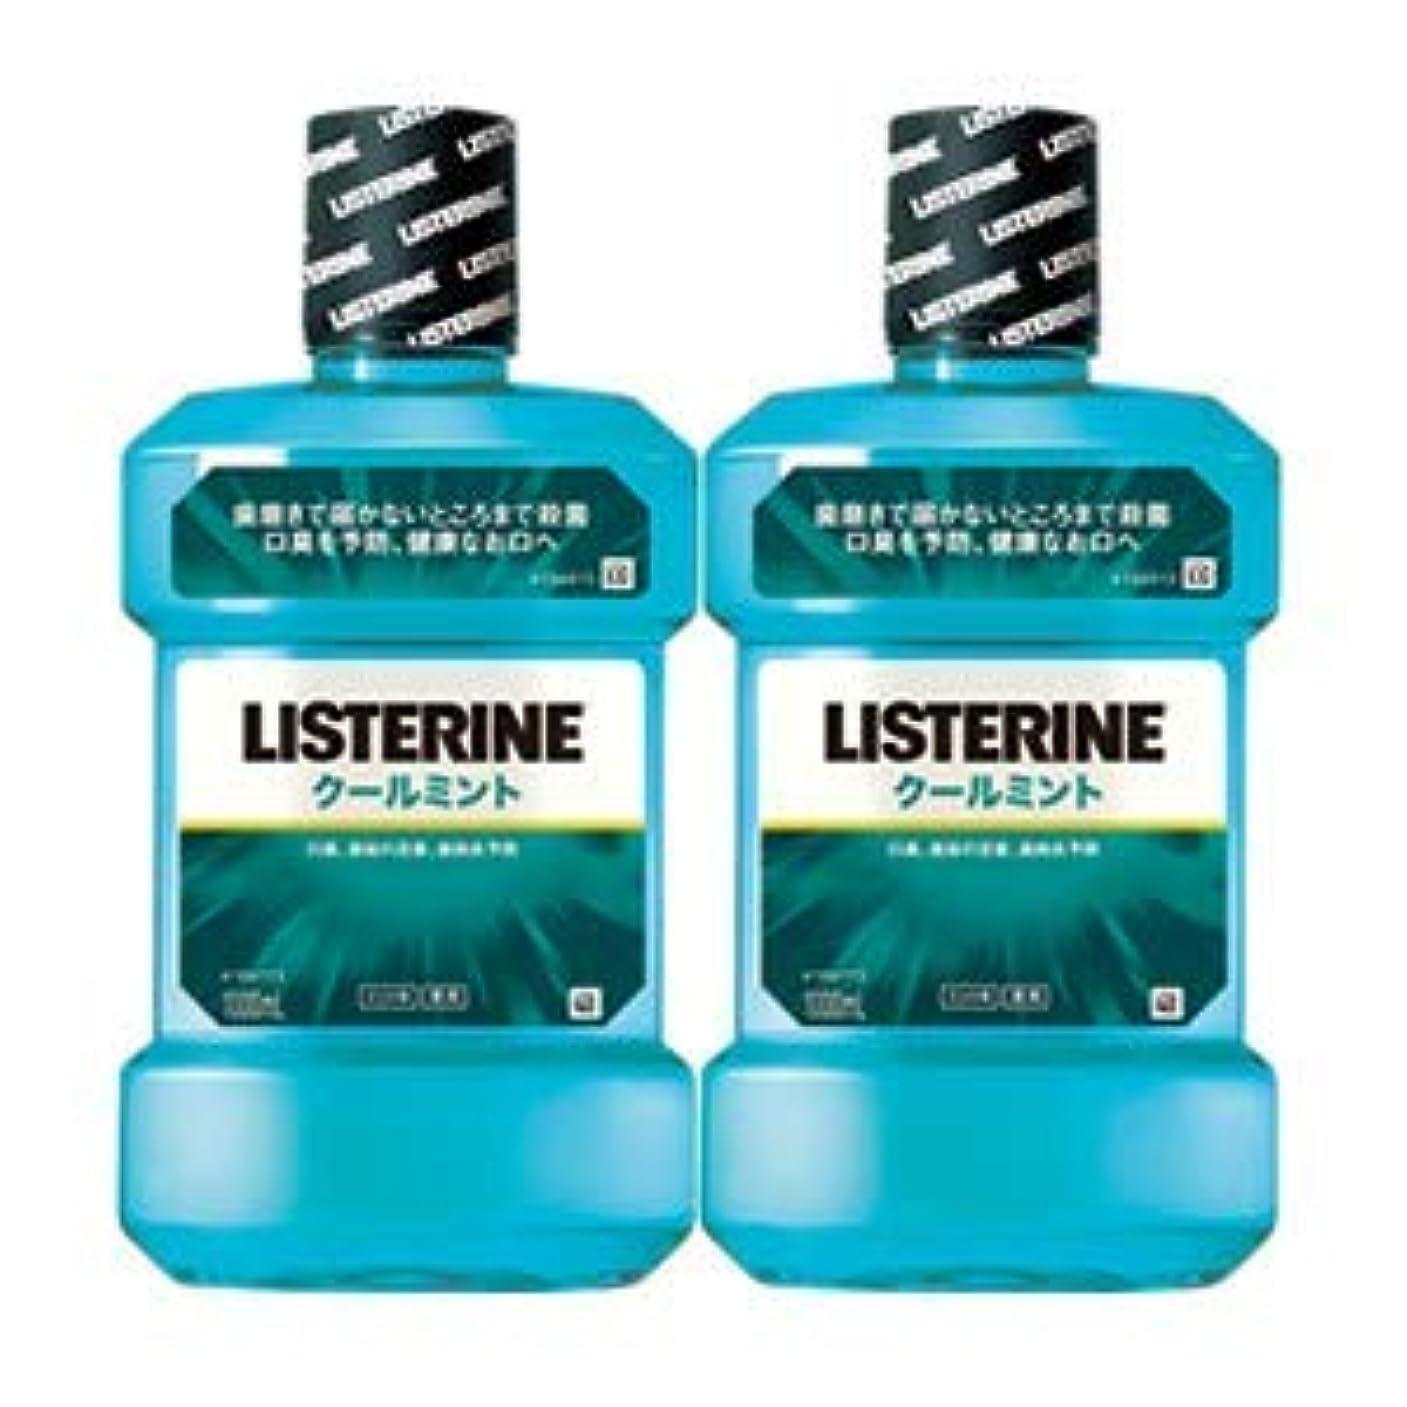 率直な軽減する保育園薬用リステリン クールミント (マウスウォッシュ/洗口液) 1000mL×2本セット